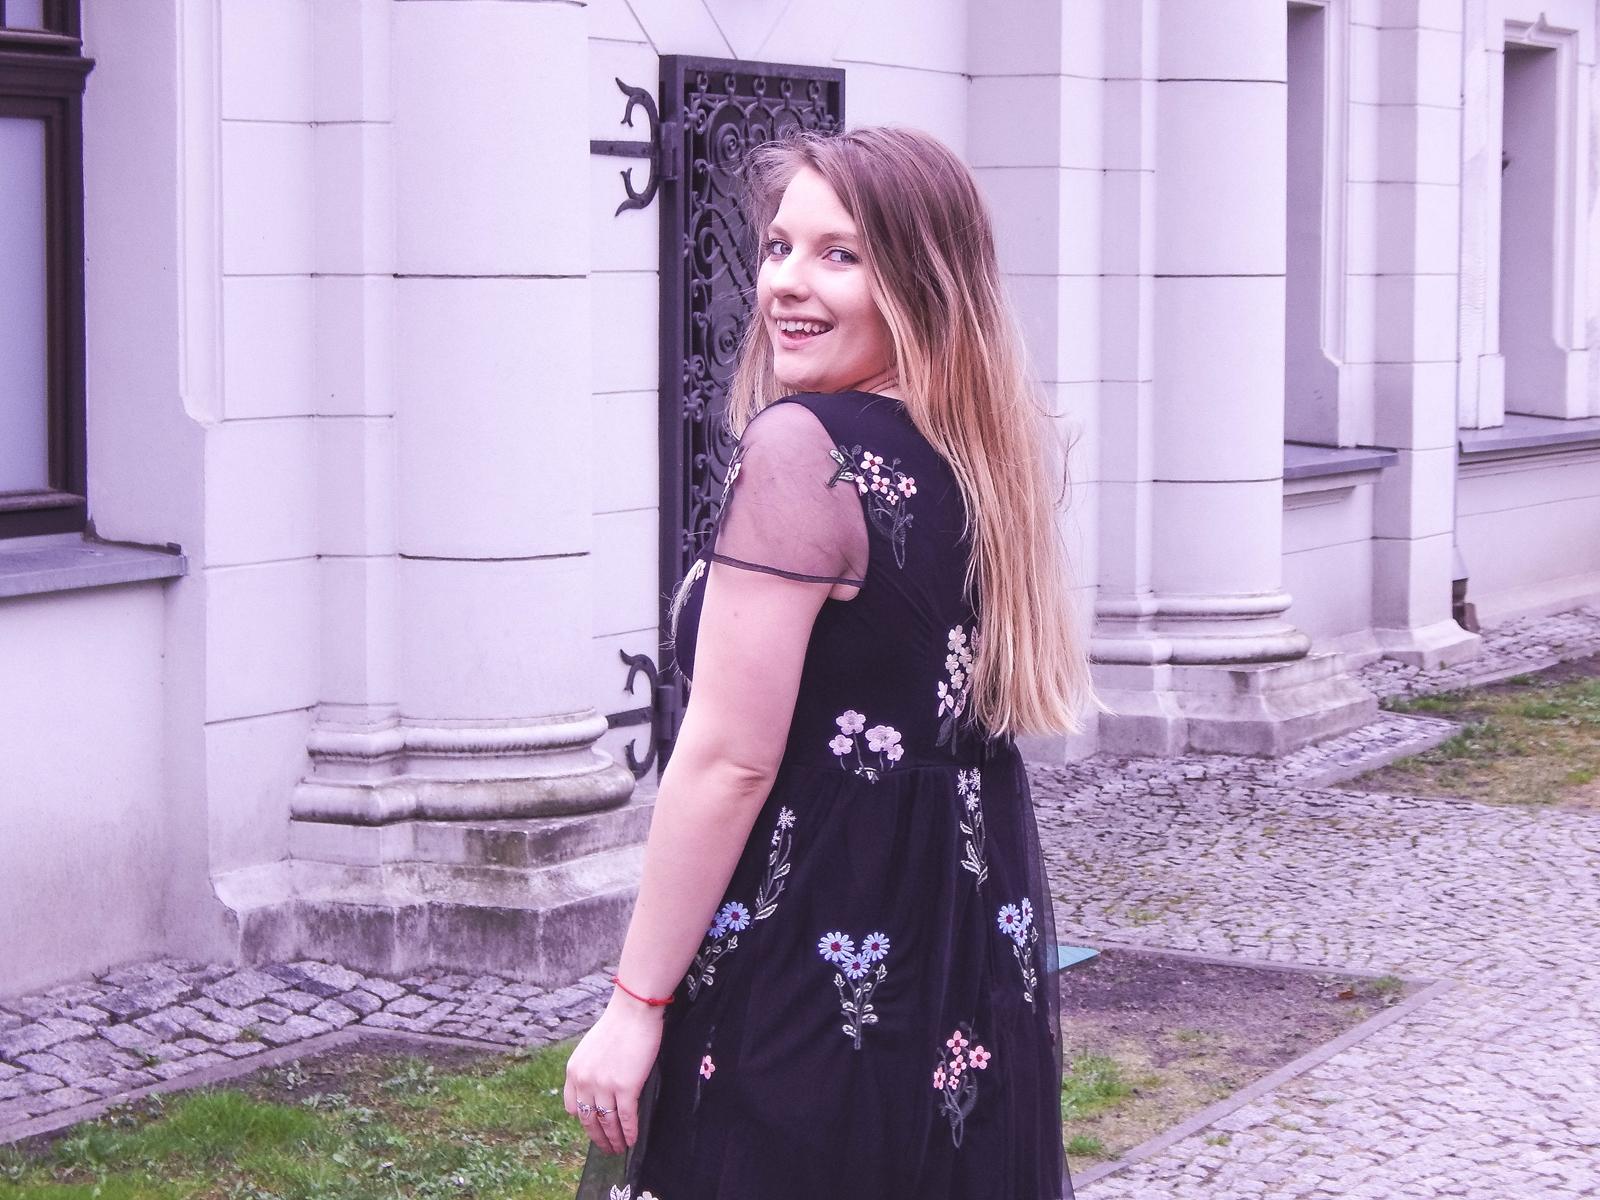 1 orsay trendy wiosna 2018 nowa kolekcja moda fashion blog blogerki modowe łódź z łodzi łódzkie melodylaniella fashion instagram sukienka na wesele różowy płaszcz granatowe pantofle total look